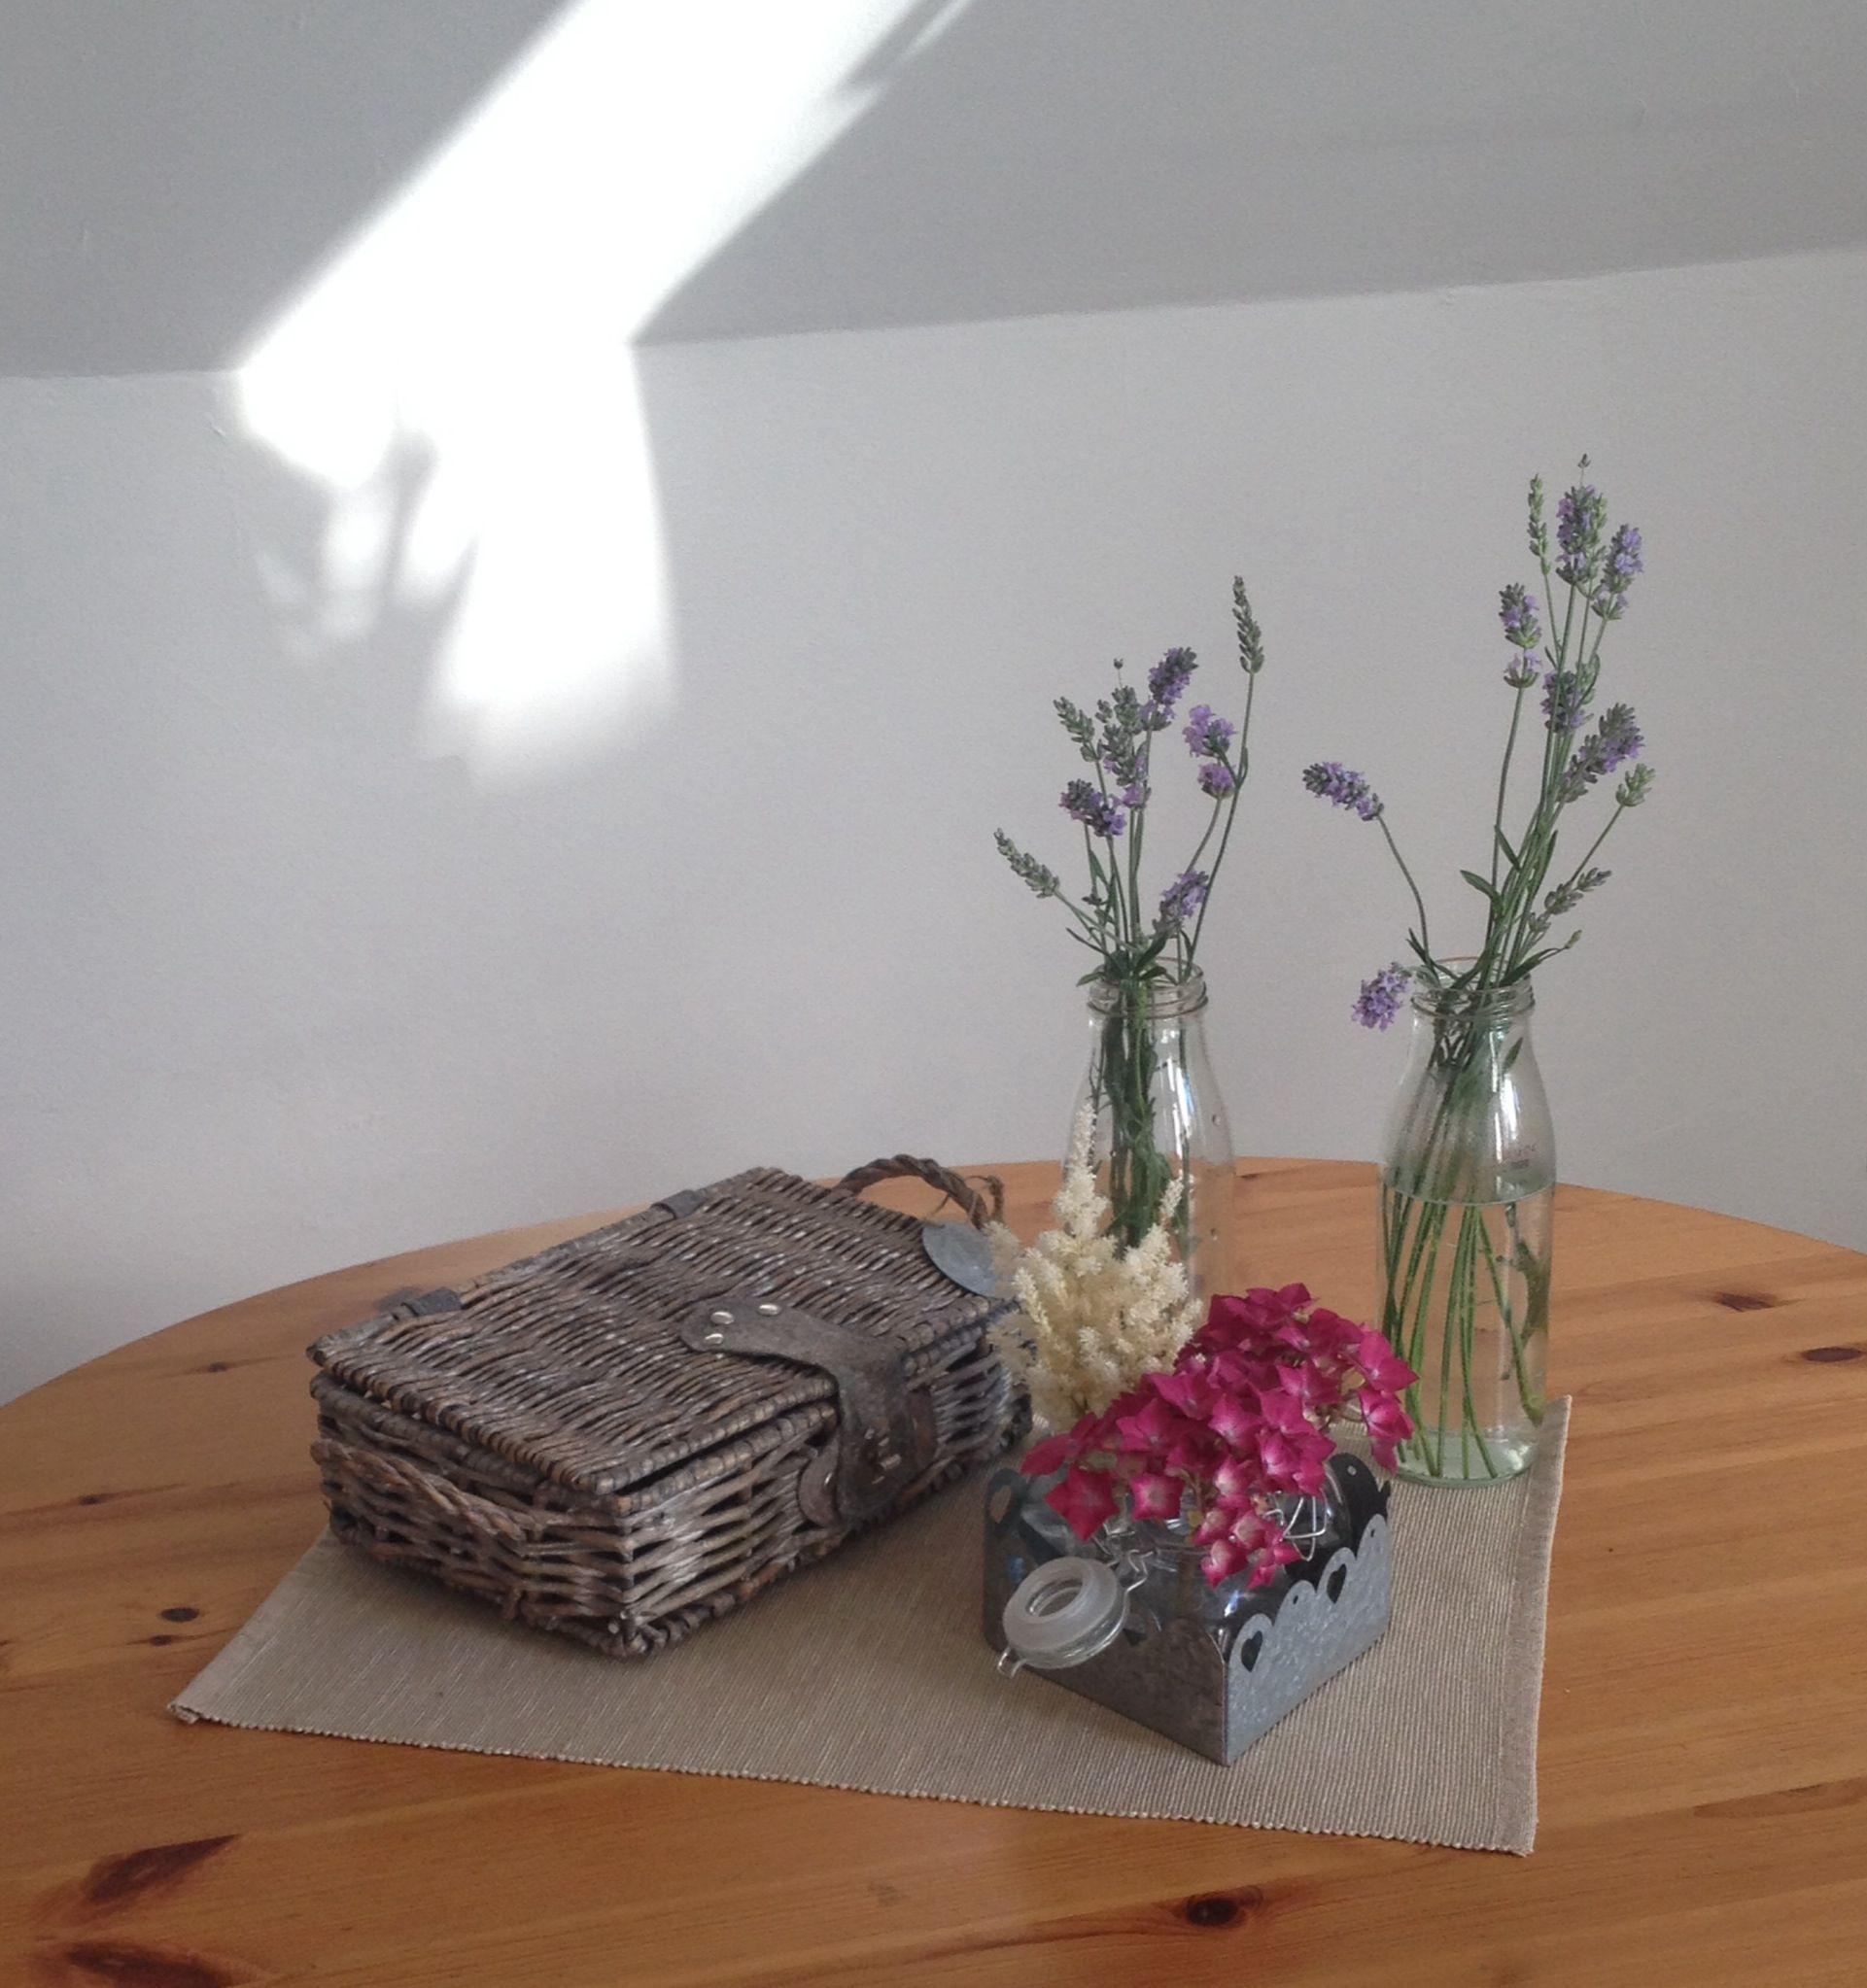 Deko ein bisschen Altglas und ein paar Blumen aus dem Gärten und fertig ist die Tischdeko